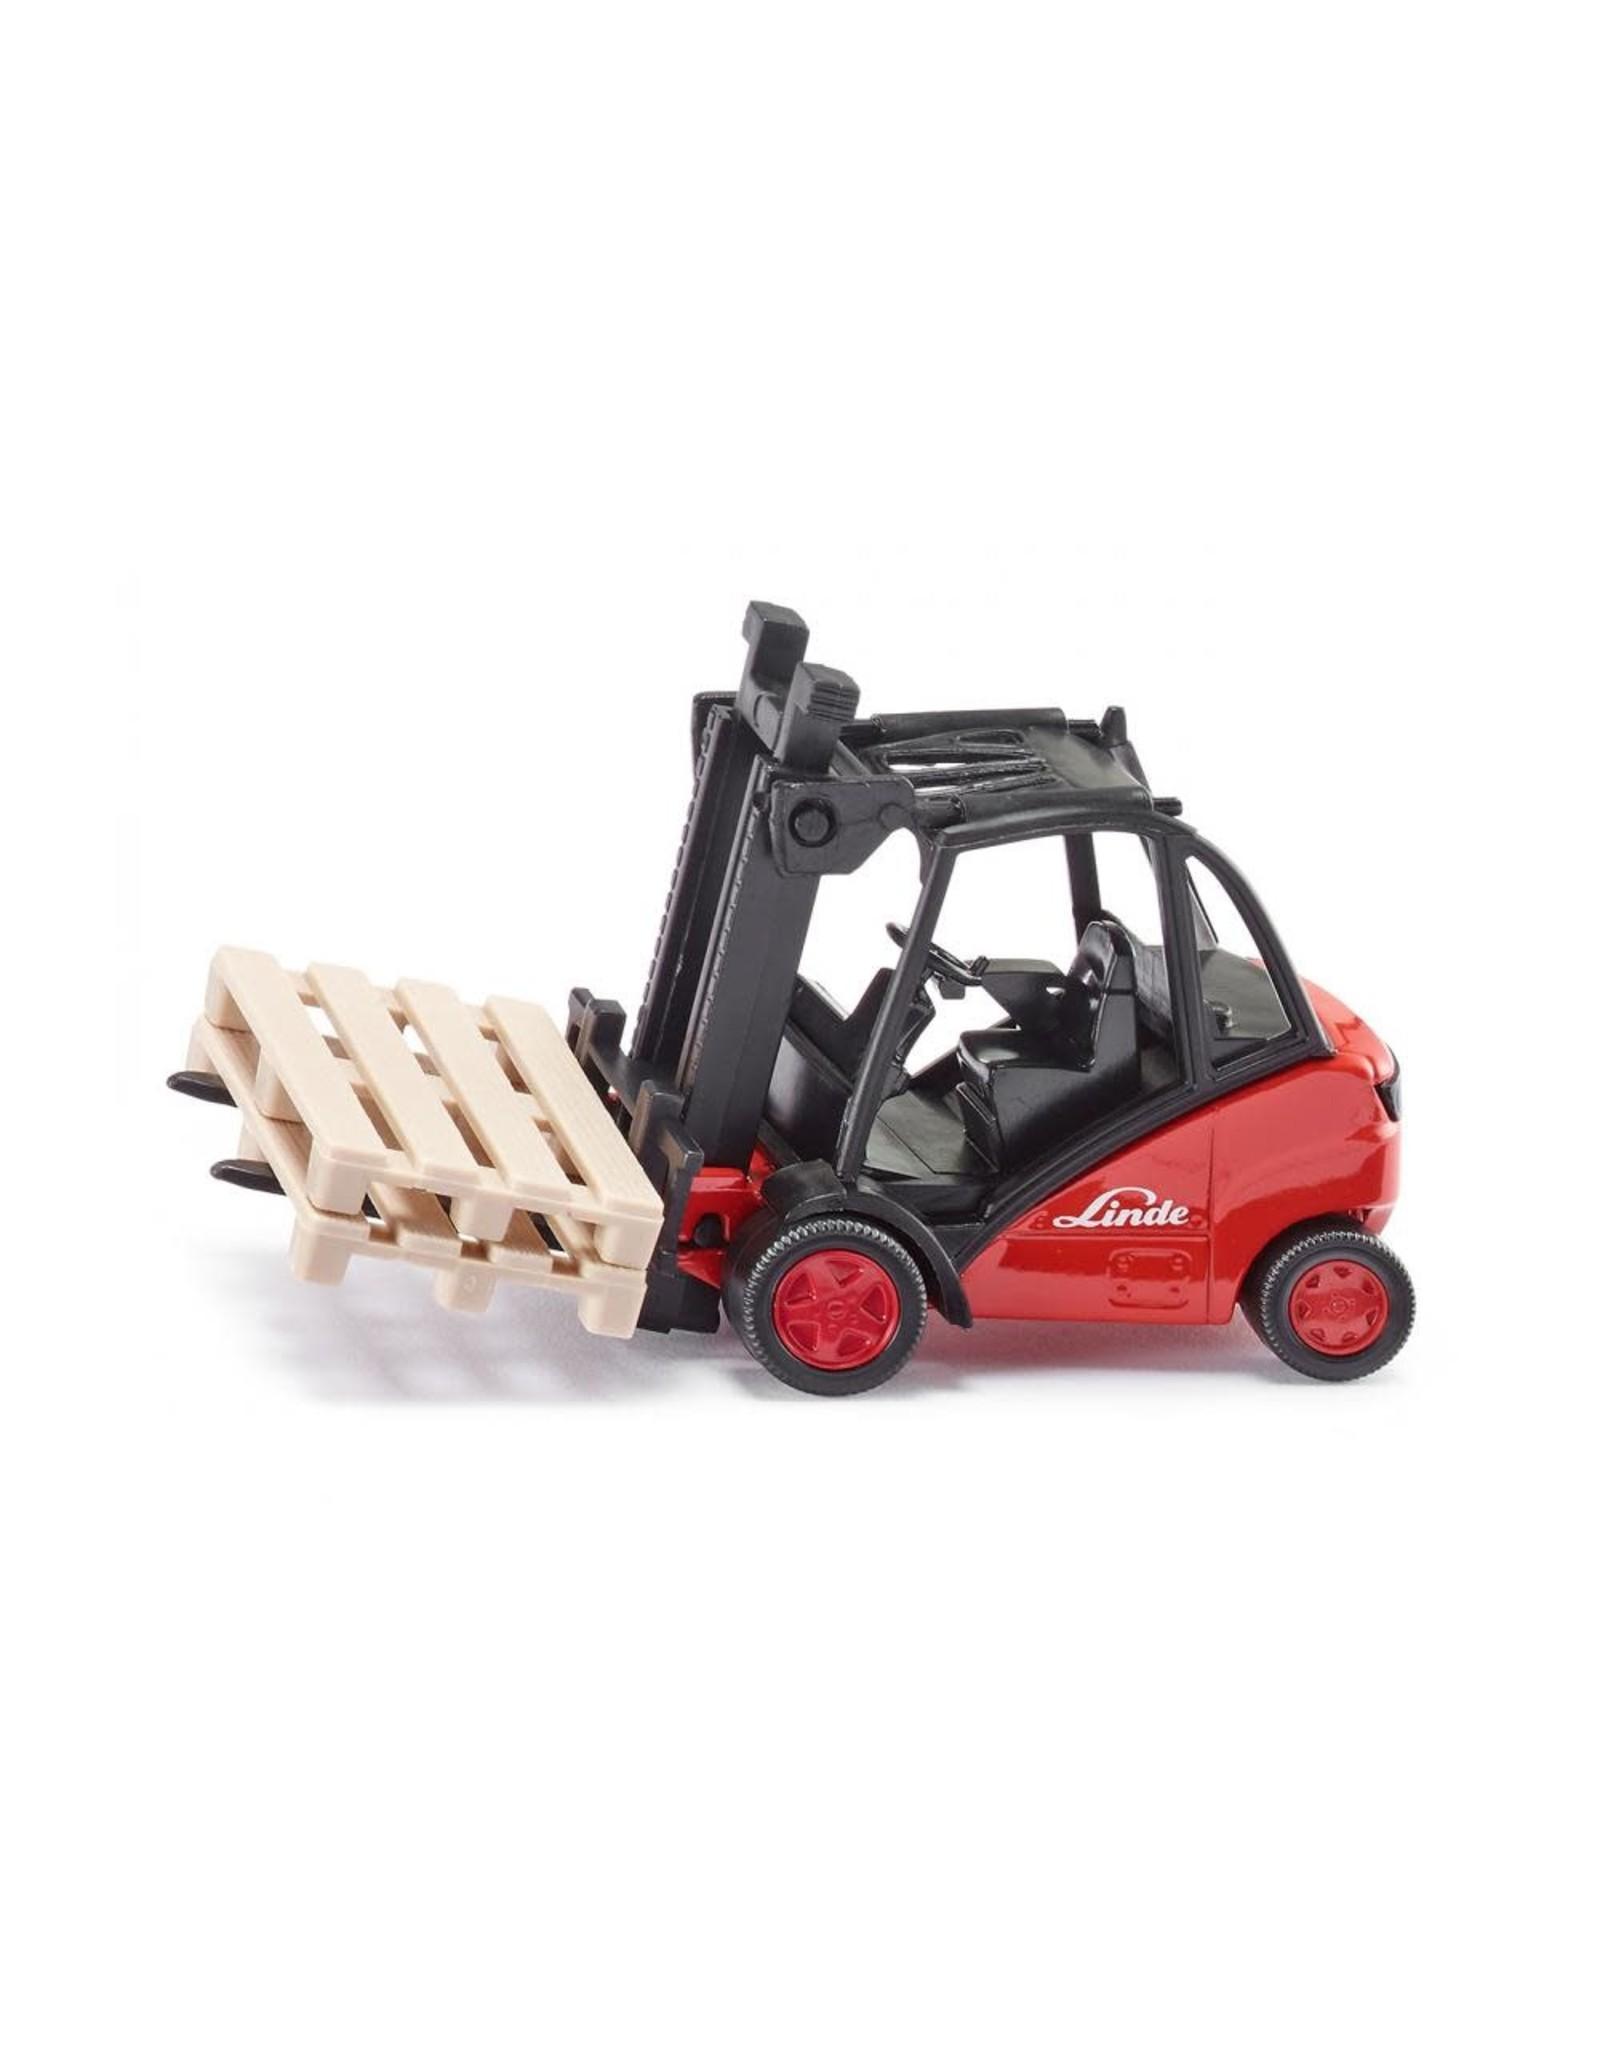 Siku Siku Forklift Truck 1:50